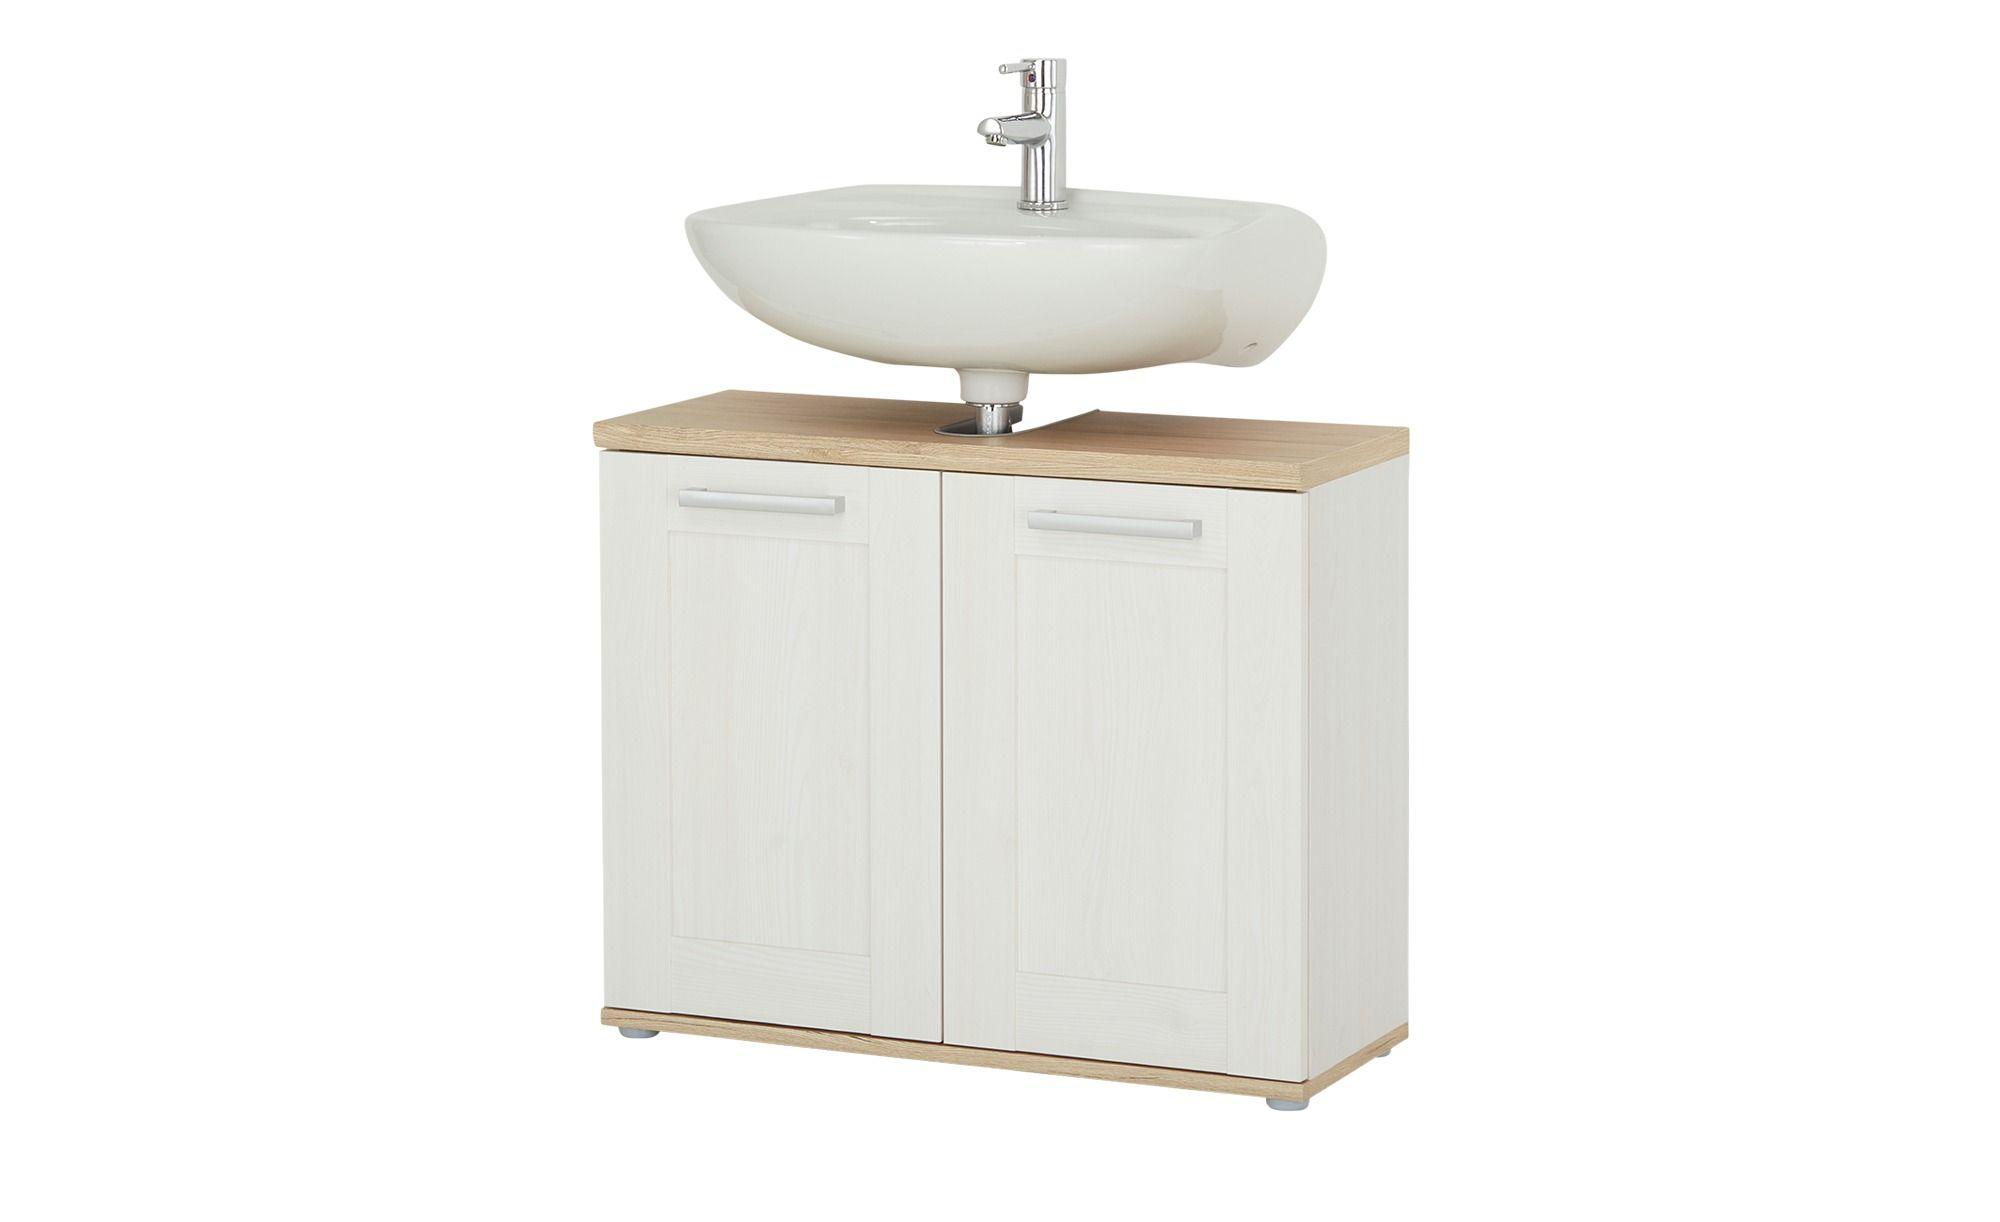 Waschbeckenunterschrank Edersee Gefunden Bei Mobel Hoffner In 2020 Waschbeckenunterschrank Schrank Und Wasche